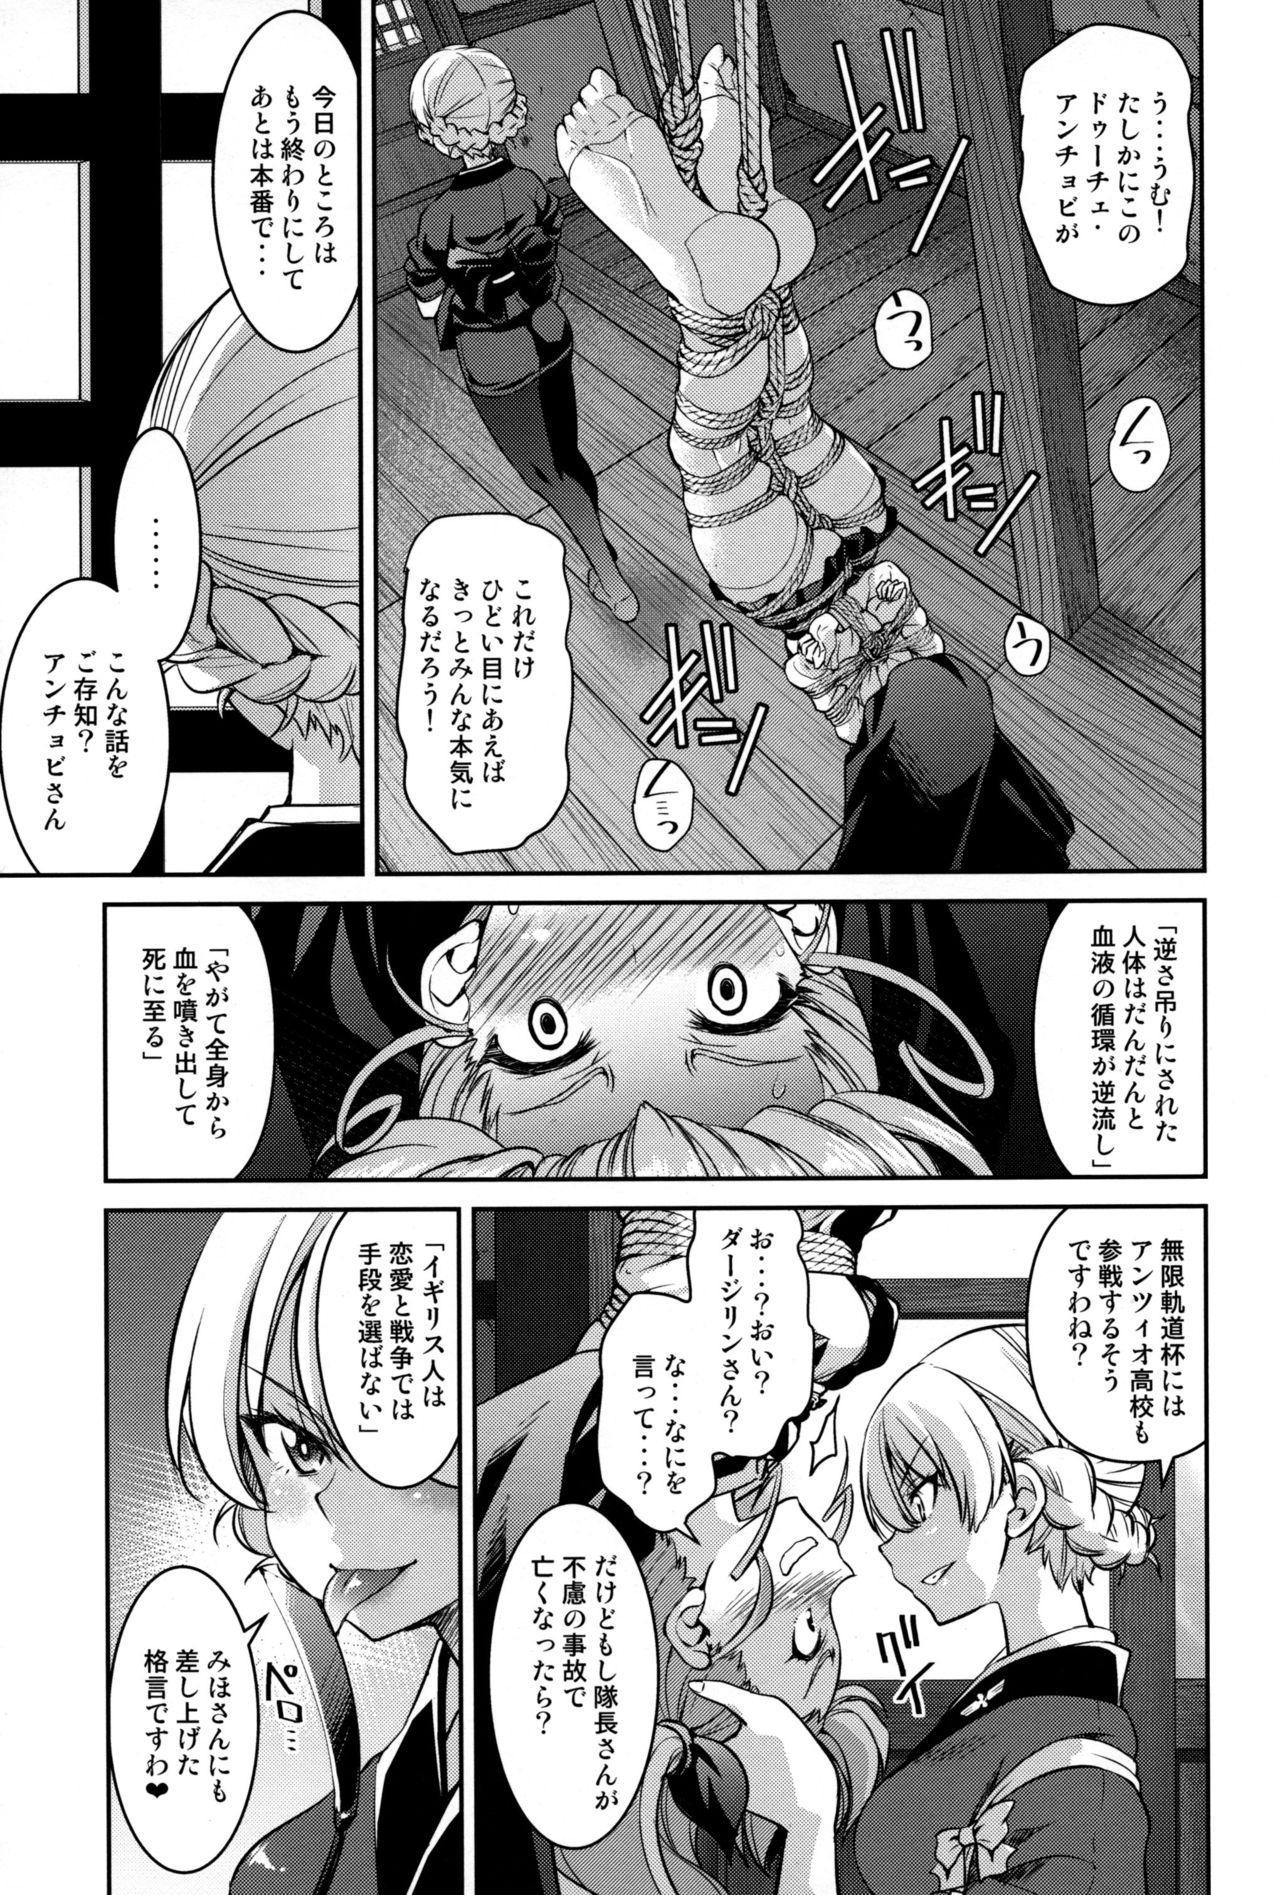 Nawashi Dar-sama Duce o Duce suru 9